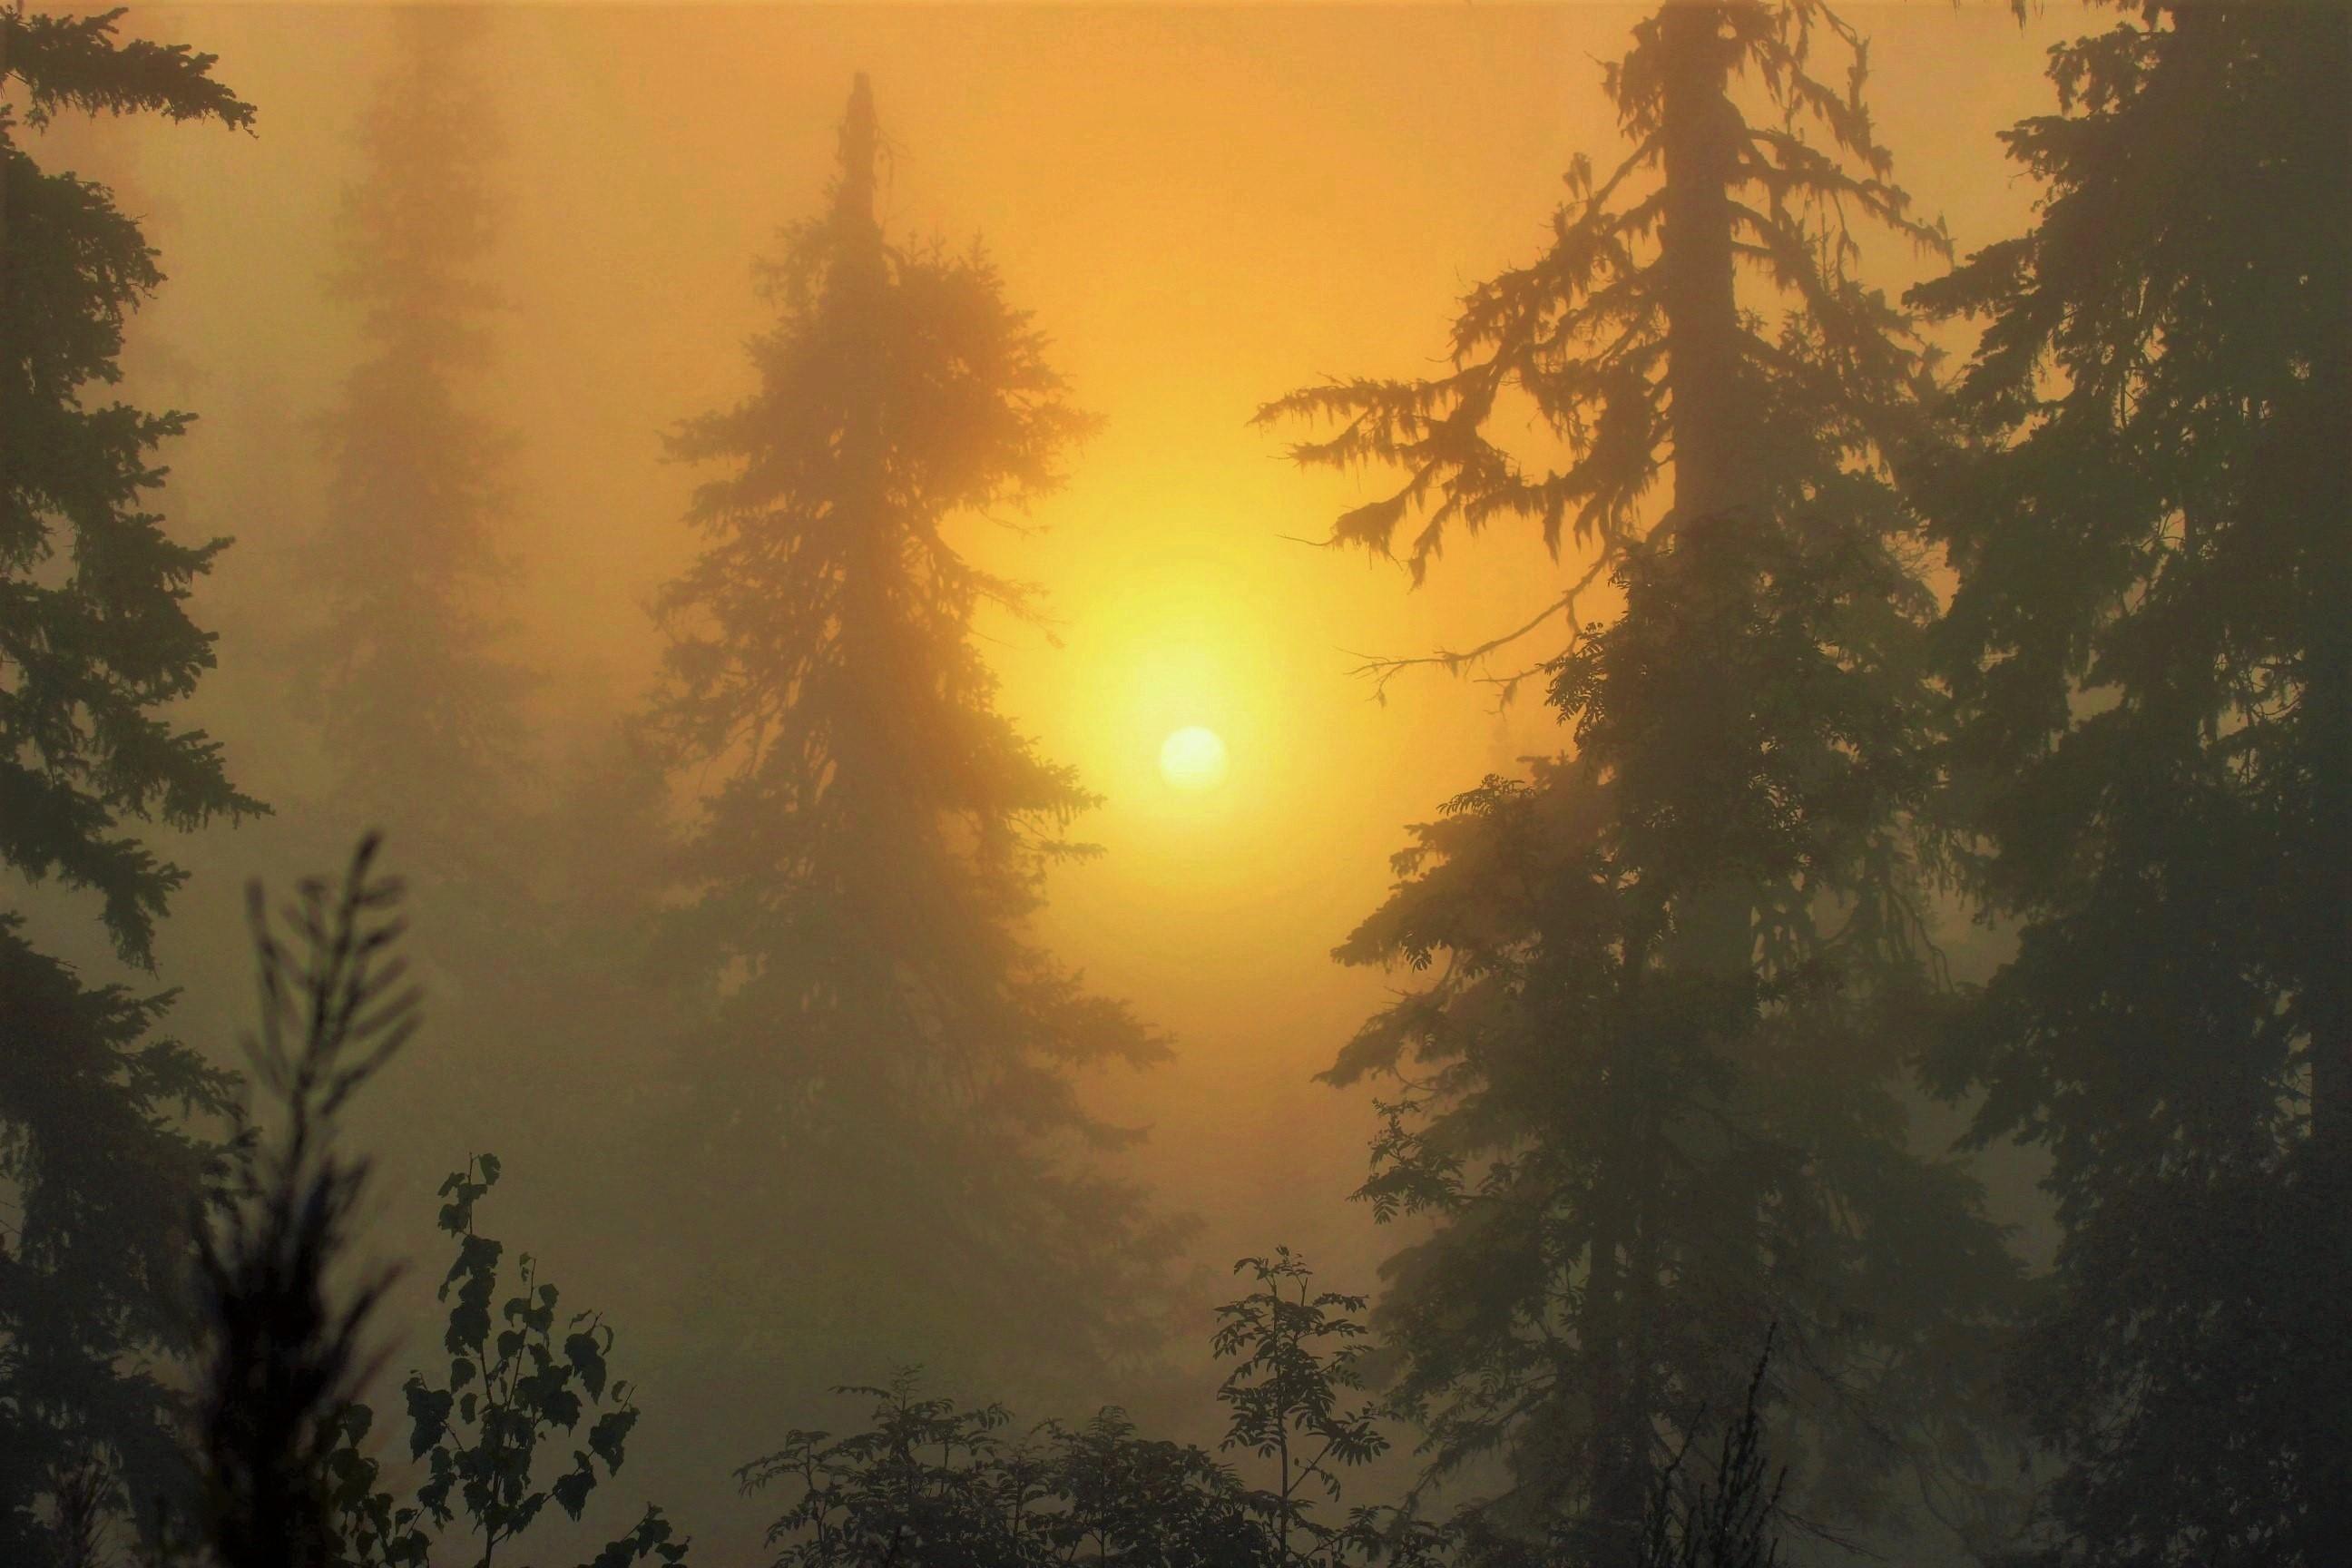 IMG_7920.JPG В туманных дебрях восходит солнце